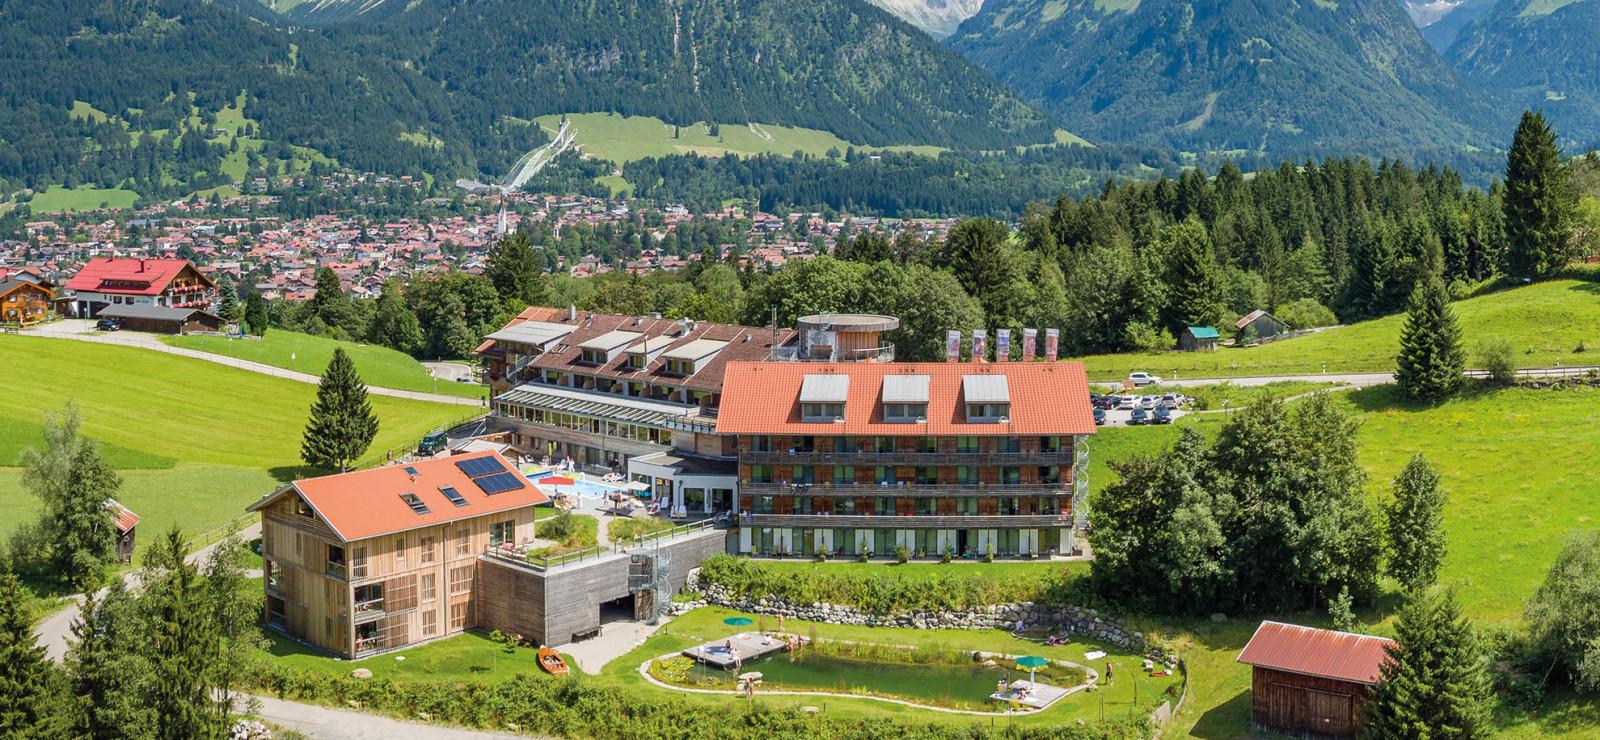 Hotel Oberstdorf Bilder | Bild 1